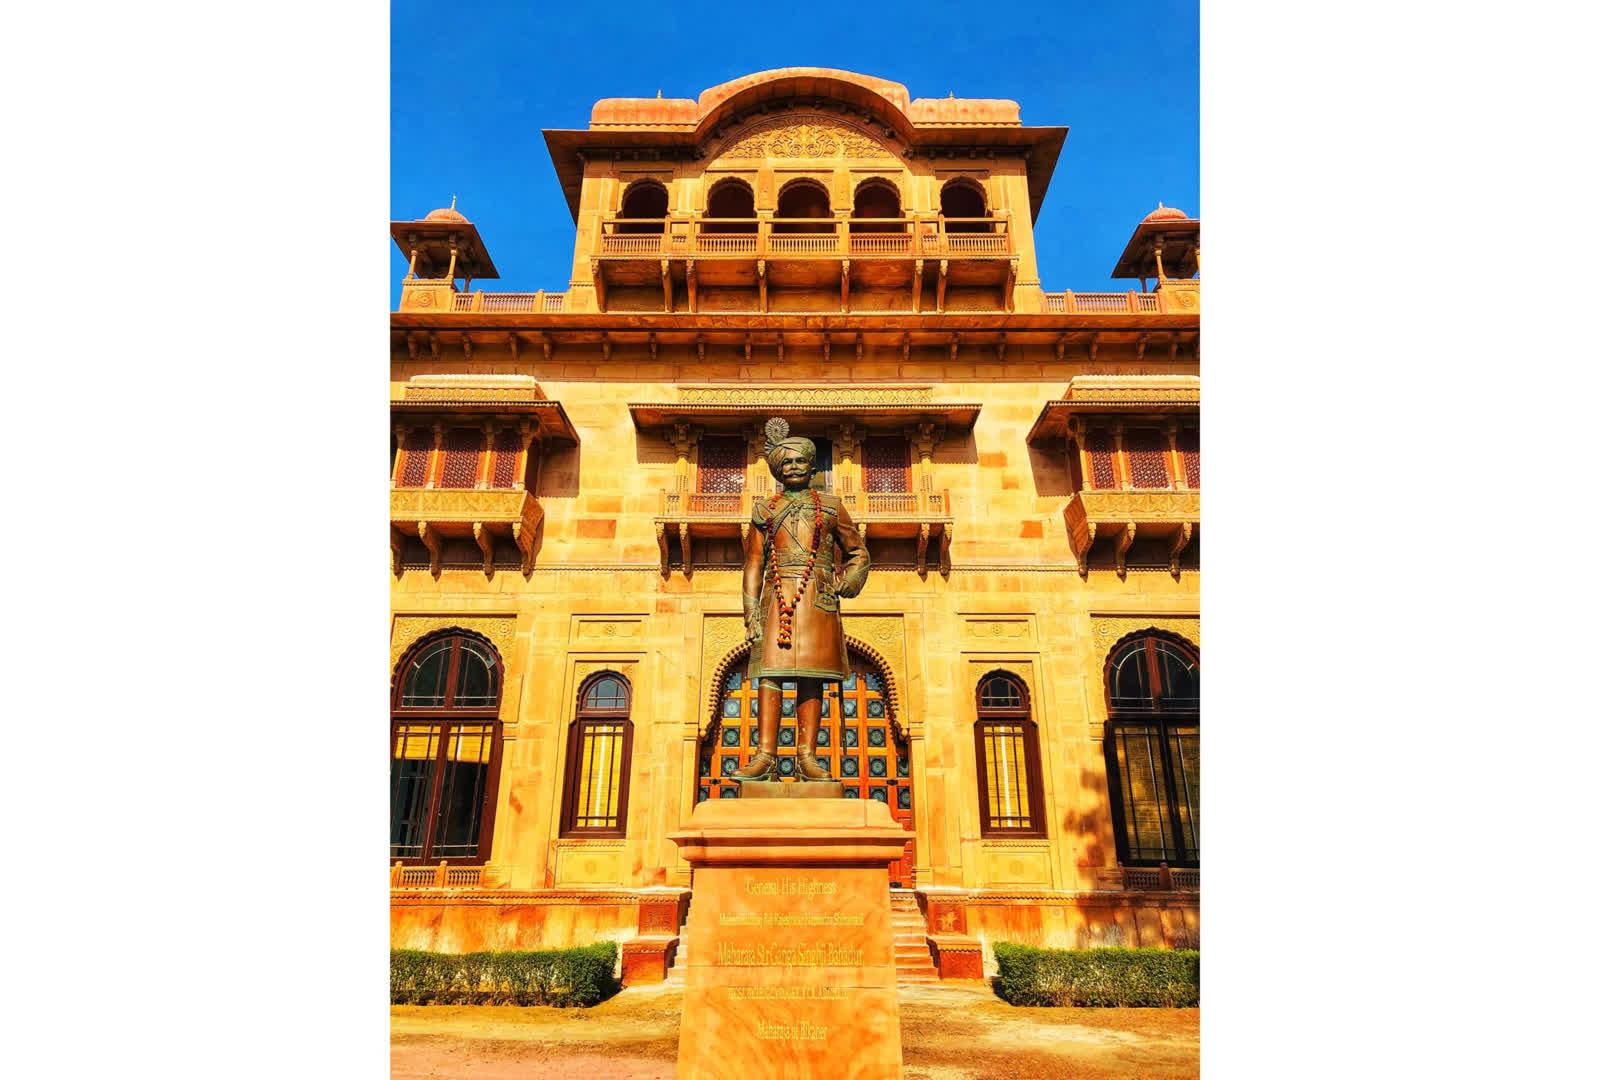 A statue of Maharaja Gaj Singh of Bikaner